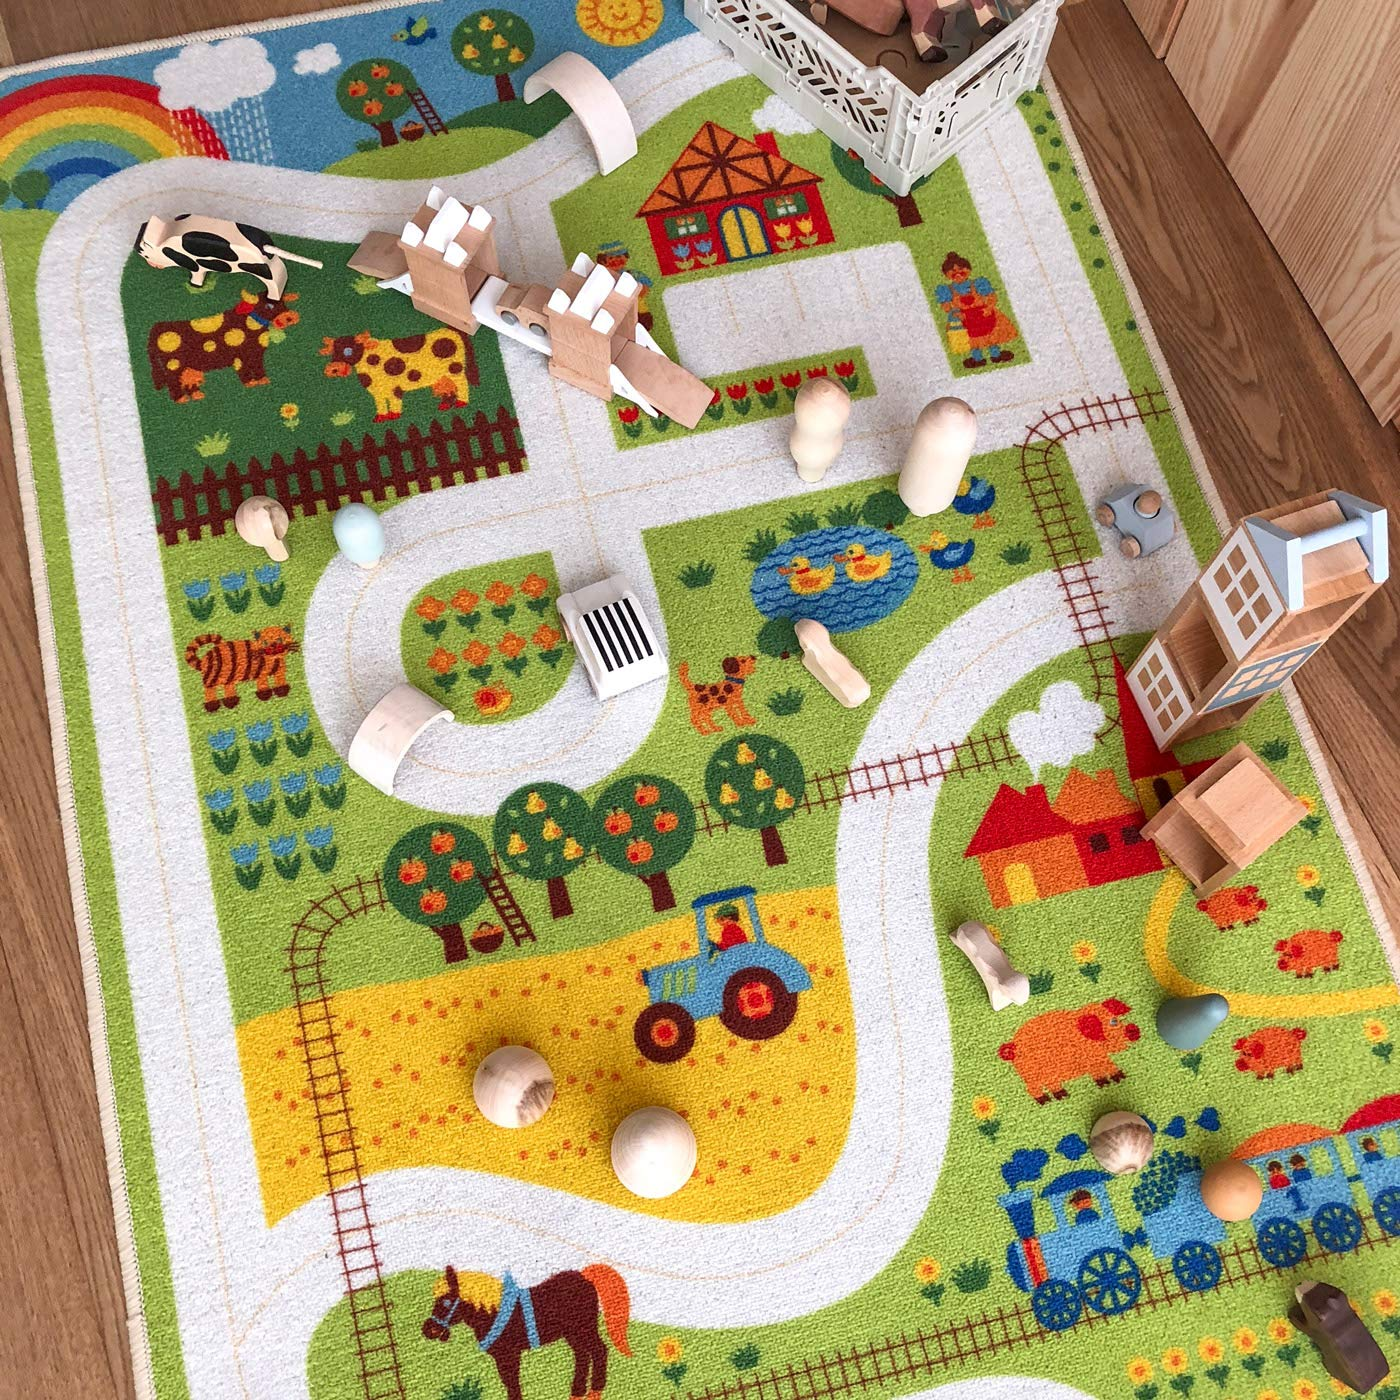 byGraziela Spielteppich Stra/ßenteppich f/ür Kinder Kinderteppich Bauernhof Teppich 90 x 130cm